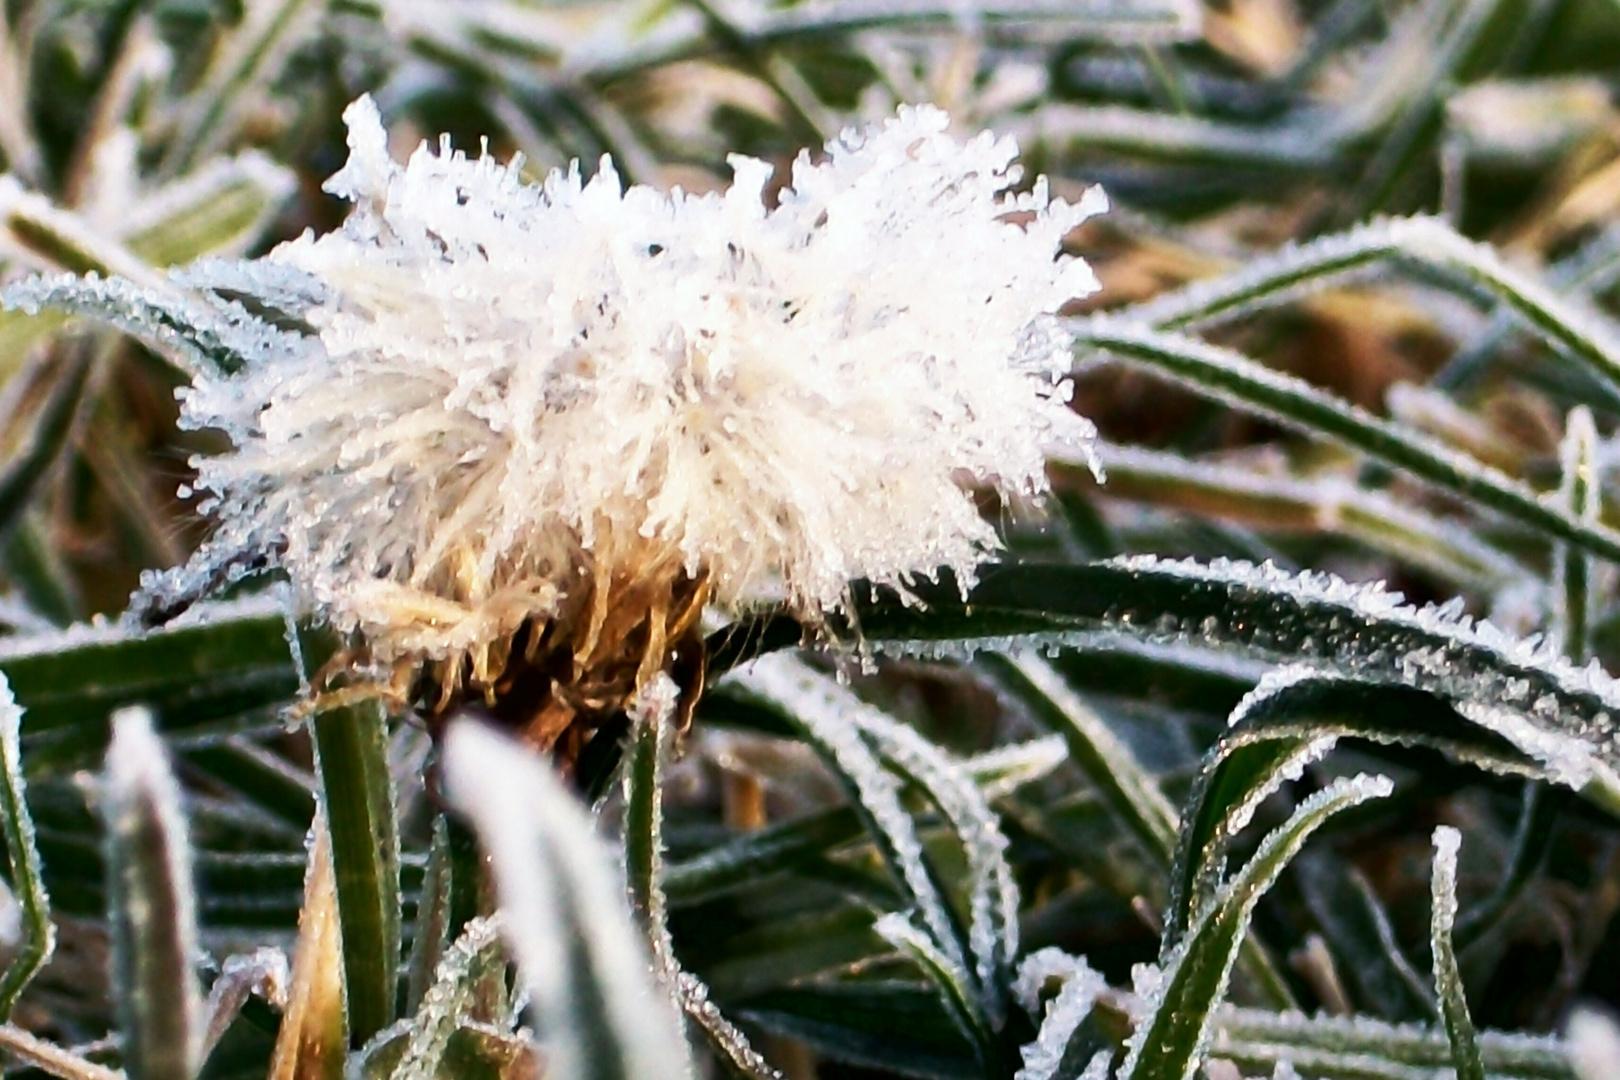 Pusteblume - ganz winterlich angehaucht